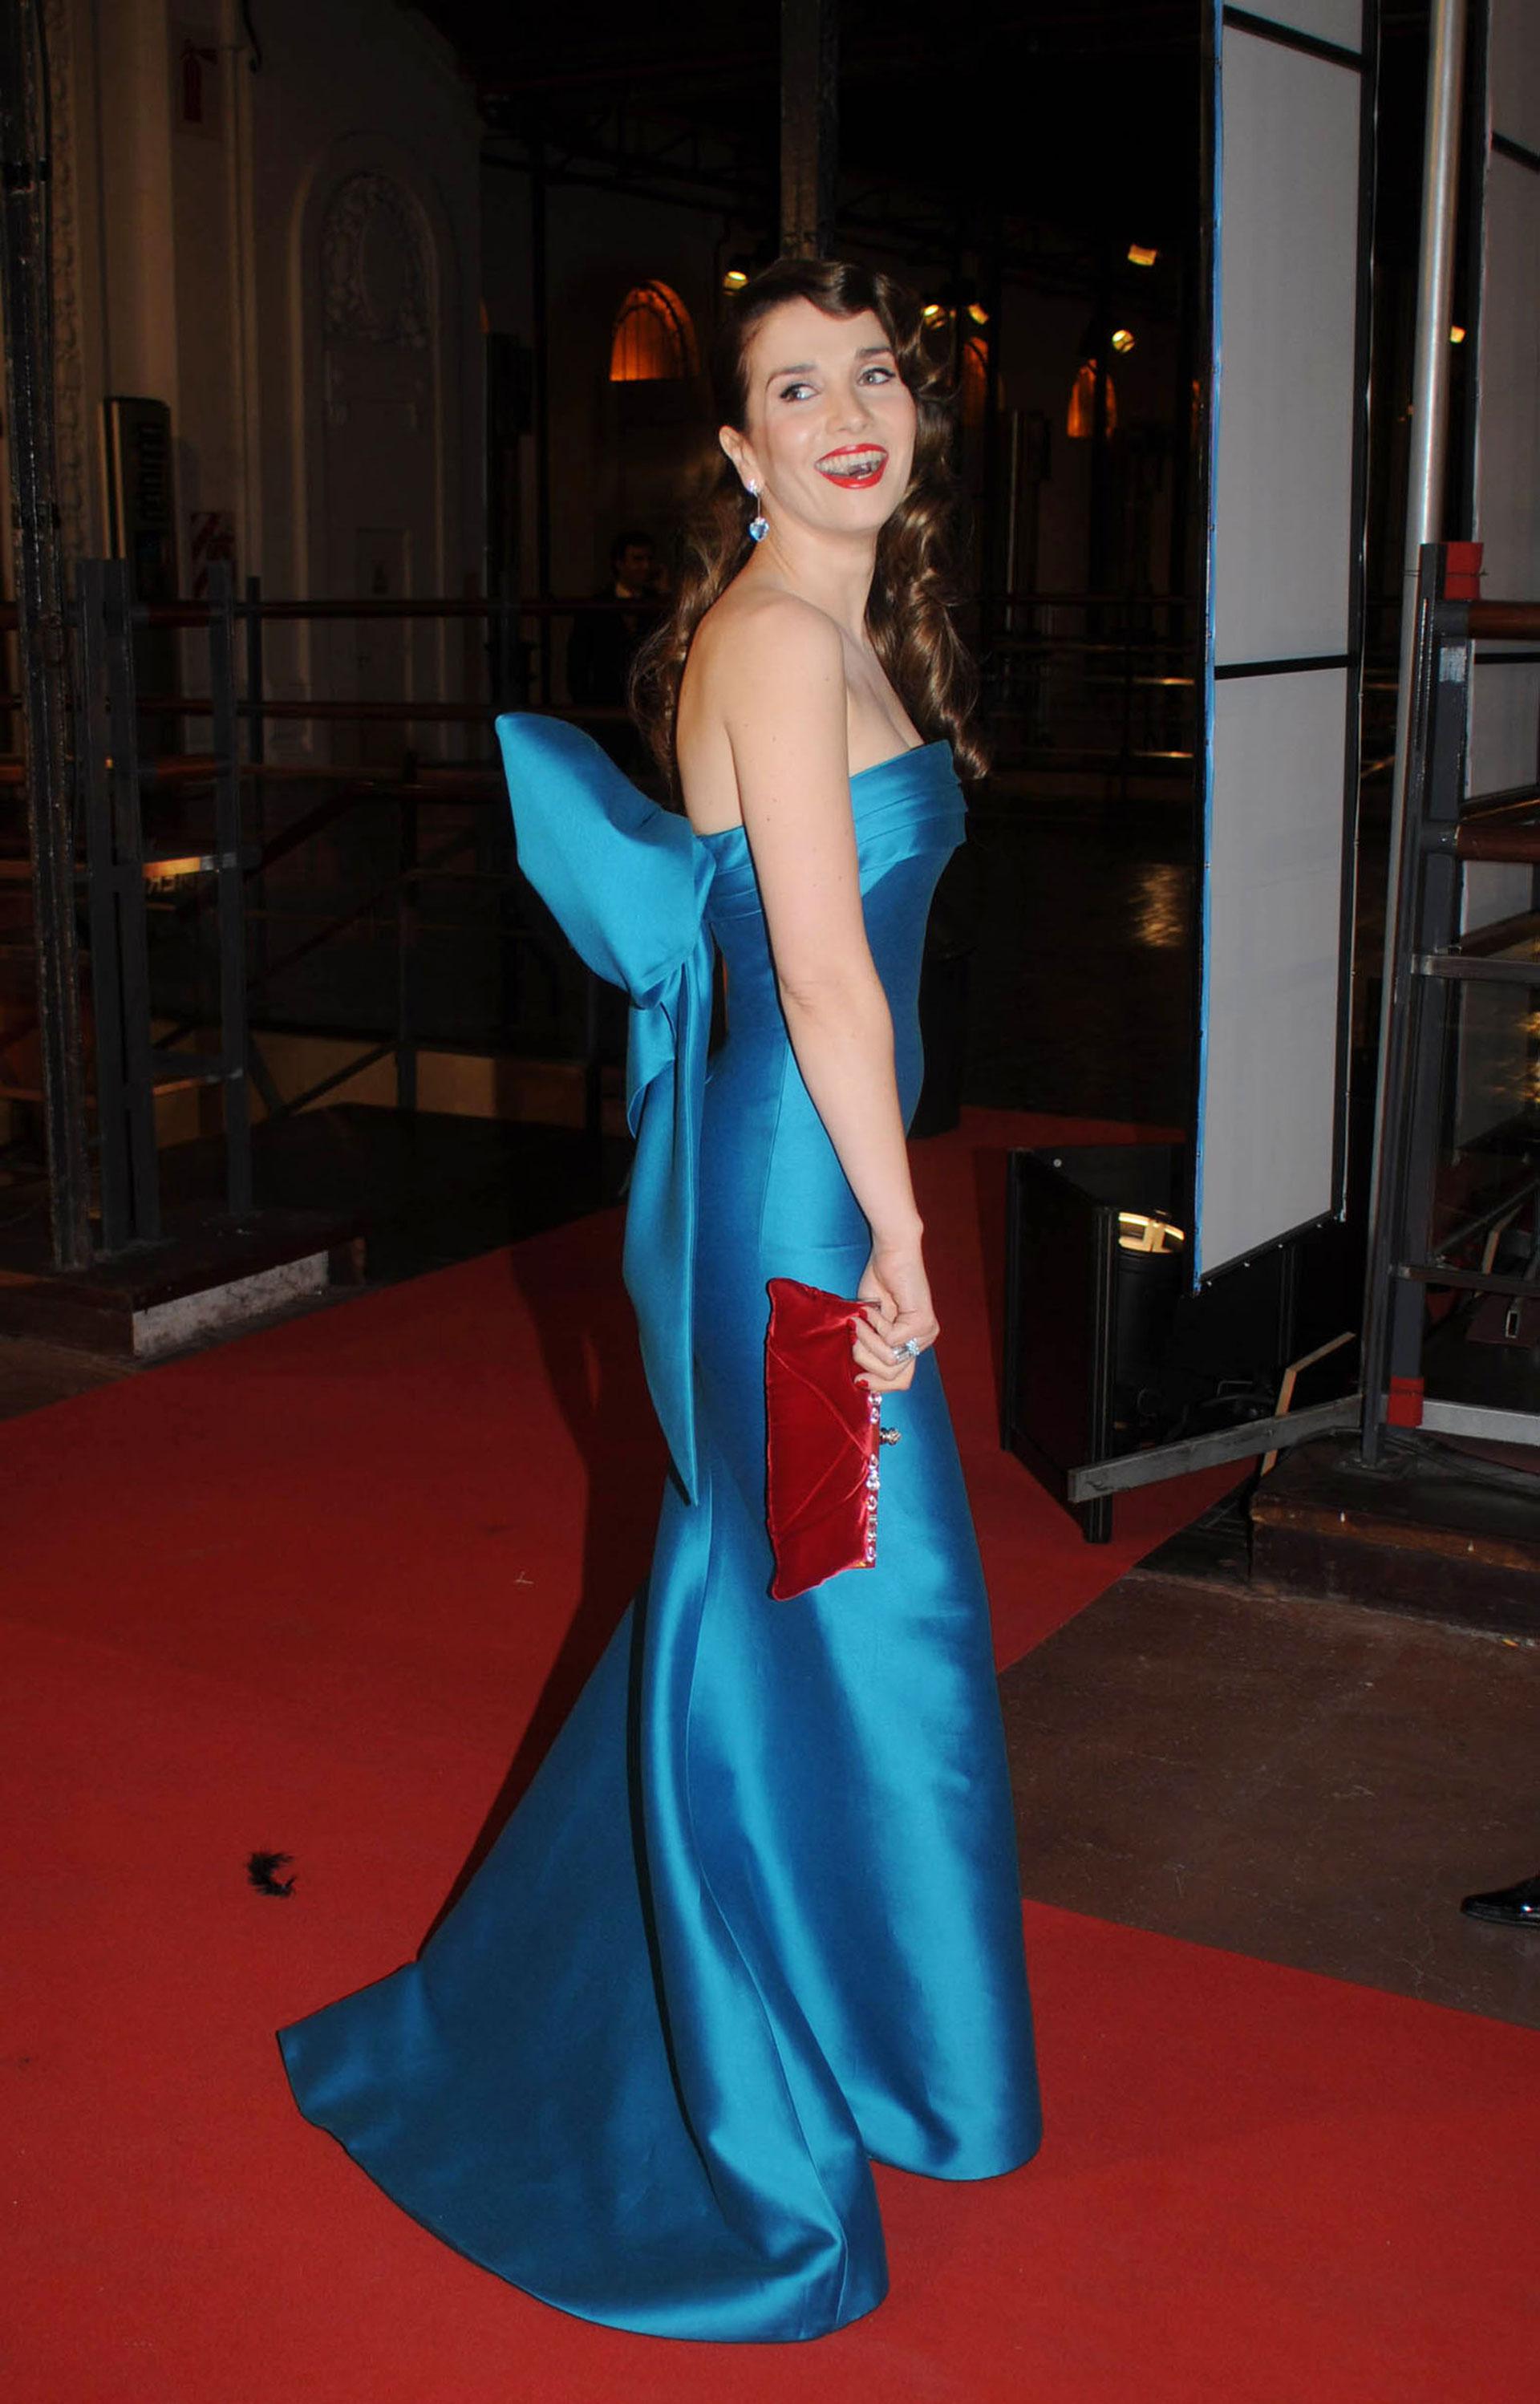 Espléndida Natalia Oreiro en los Martín Fierro 2008 con un vestido sirena en turquesa diseñado por Oscar de la Renta. Optó para terminar su look con un sobre rojo de terciopelo y aros colgantes con cristal celeste